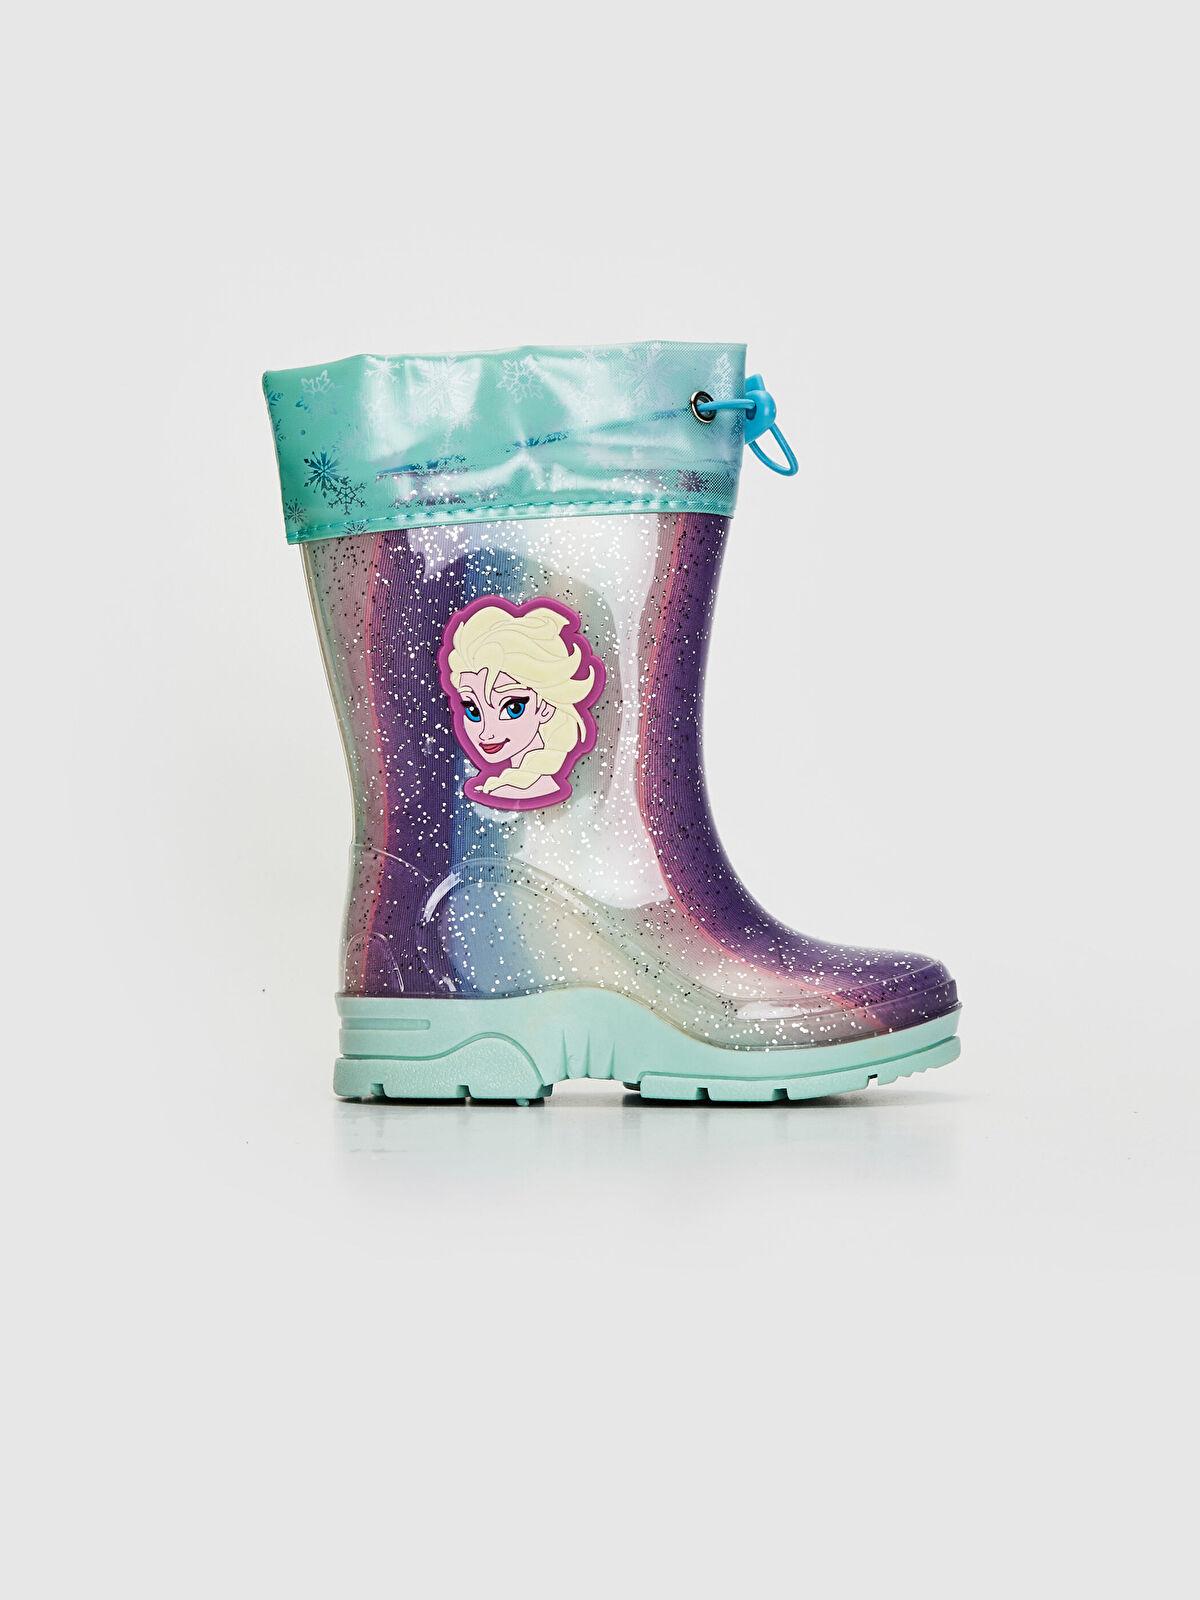 Kız Çocuk Elsa Frozen Baskılı Yağmur Botu - LC WAIKIKI